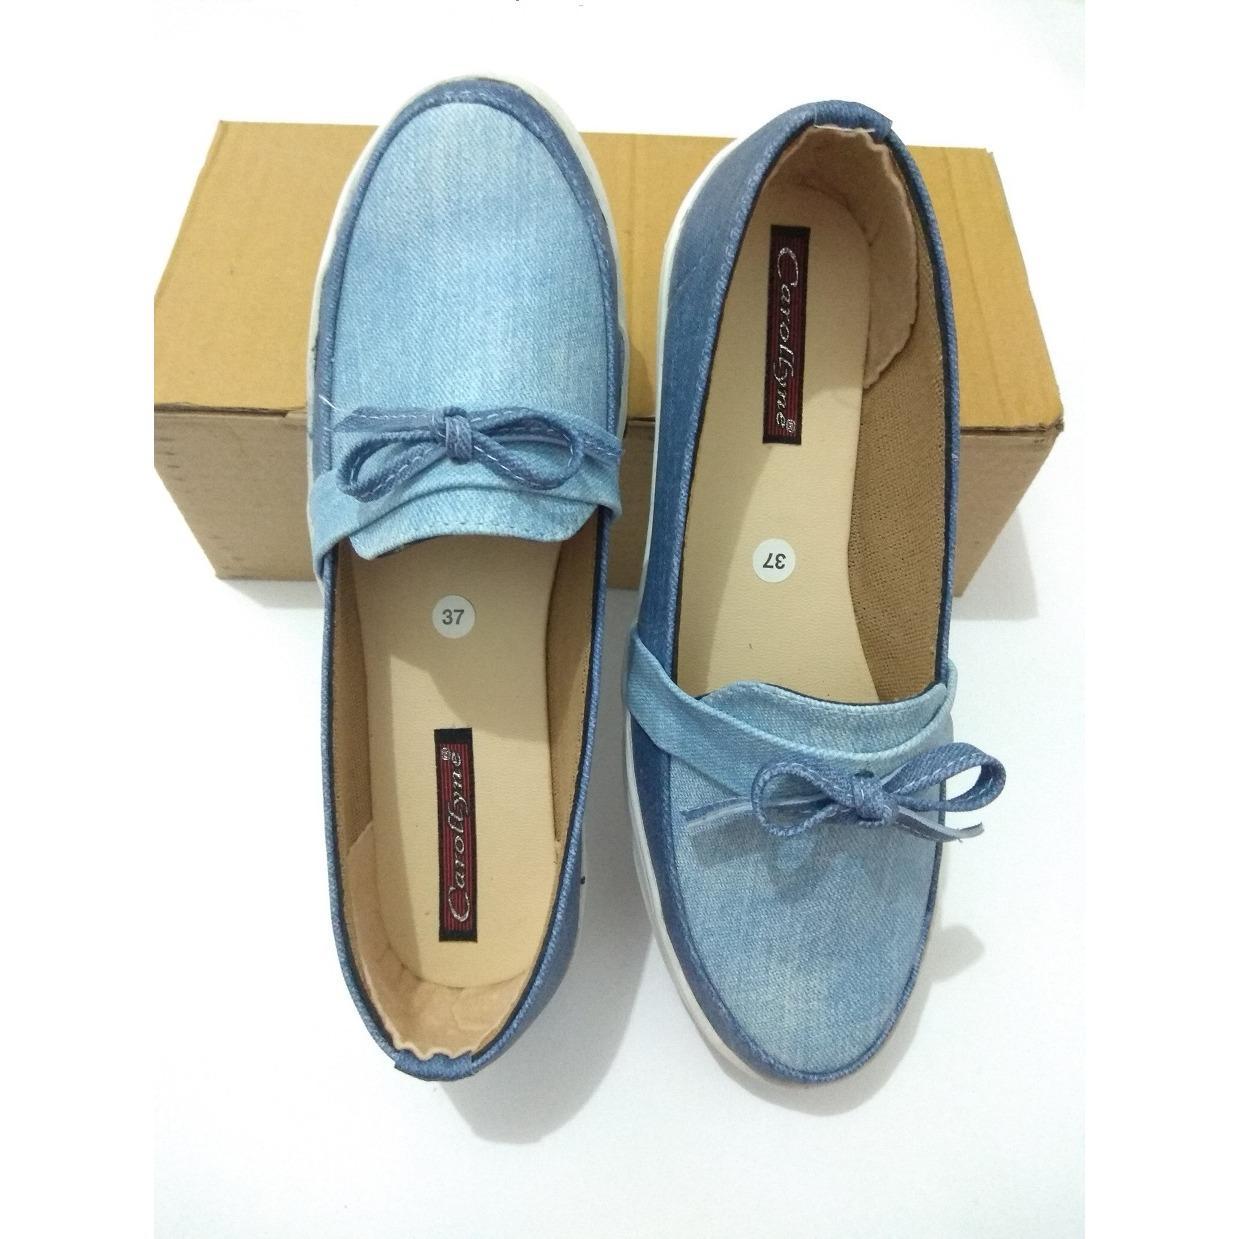 Sepatu Flat Wanita Terkini-Biru Dongker